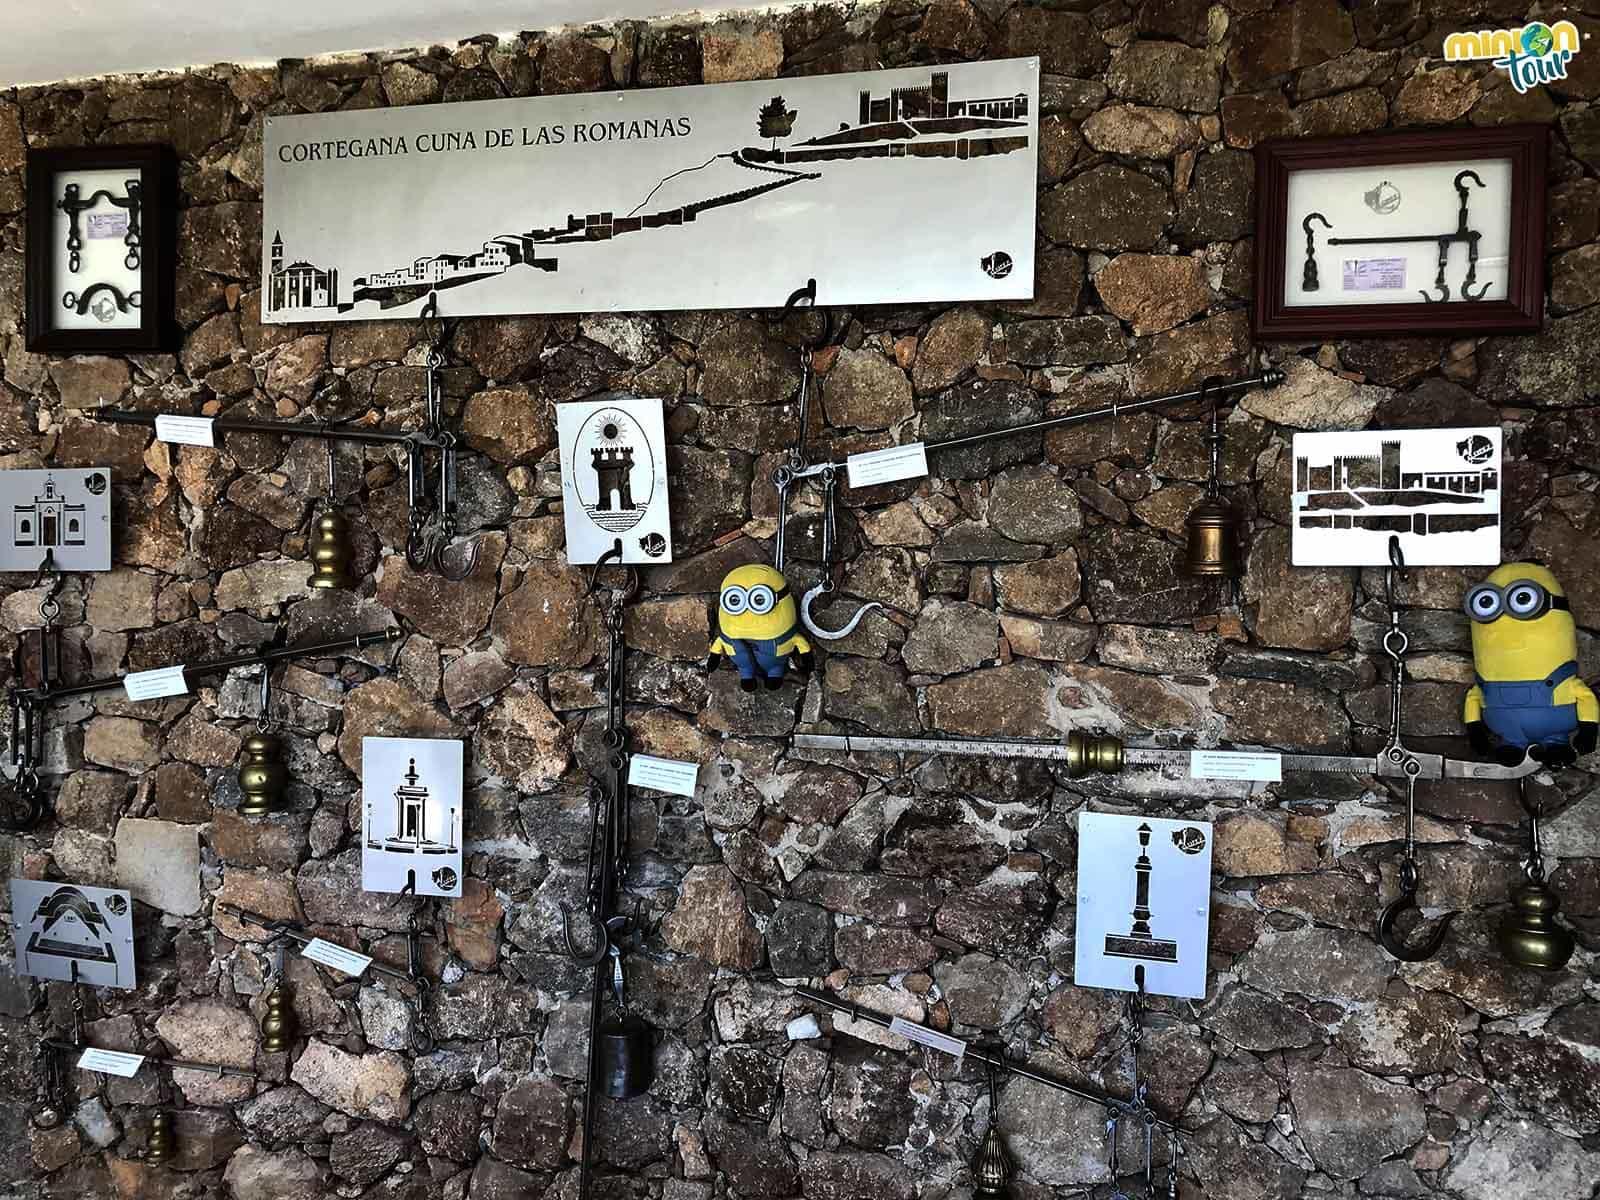 Qué ver en Cortegana: Una joya en el Parque Natural de la Sierra de Aracena